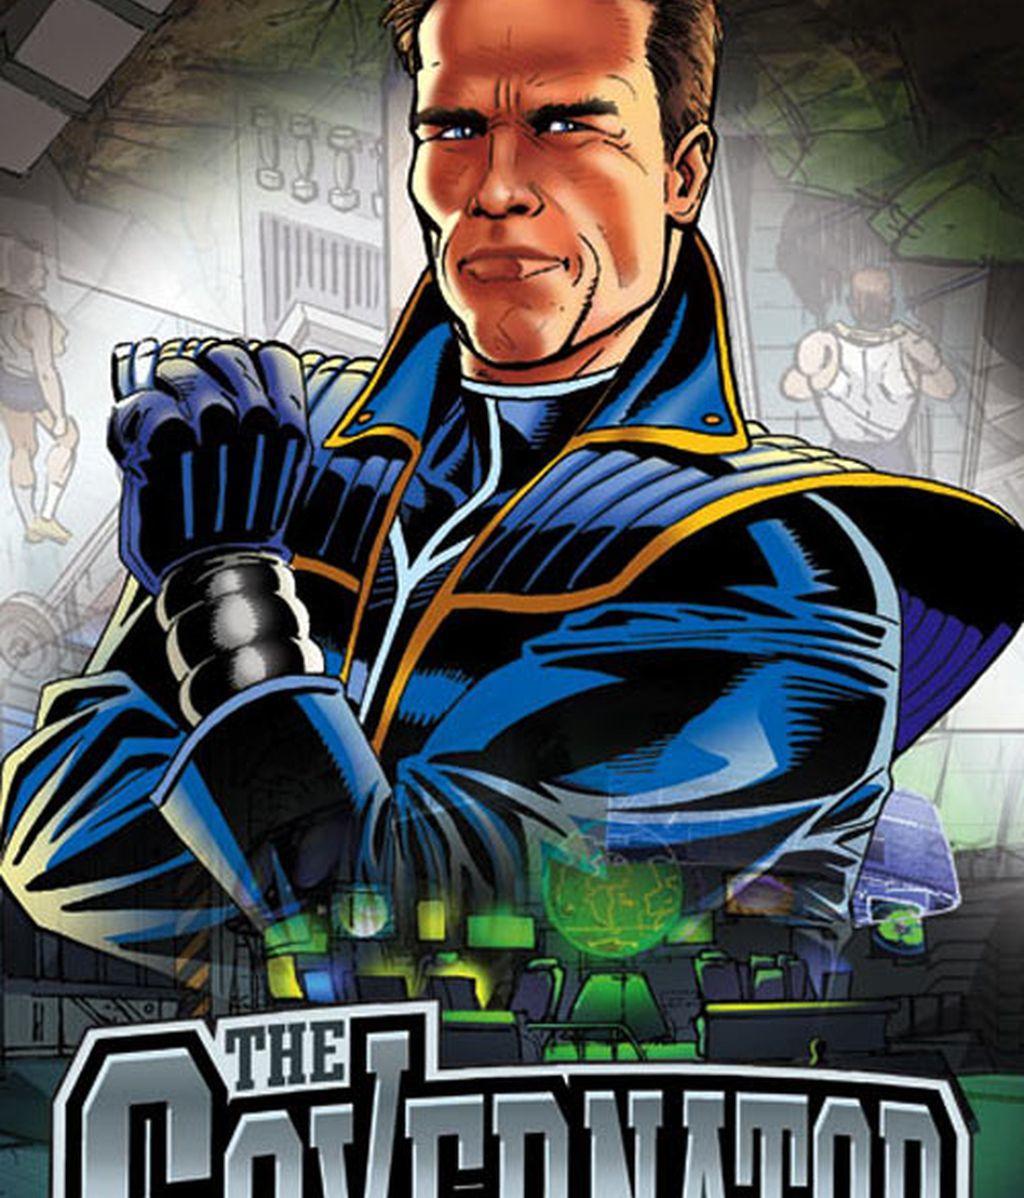 Adelanto del cómic que tendrá a Schwarzenegger de protagonista. Fotos: Entertainment Weekly